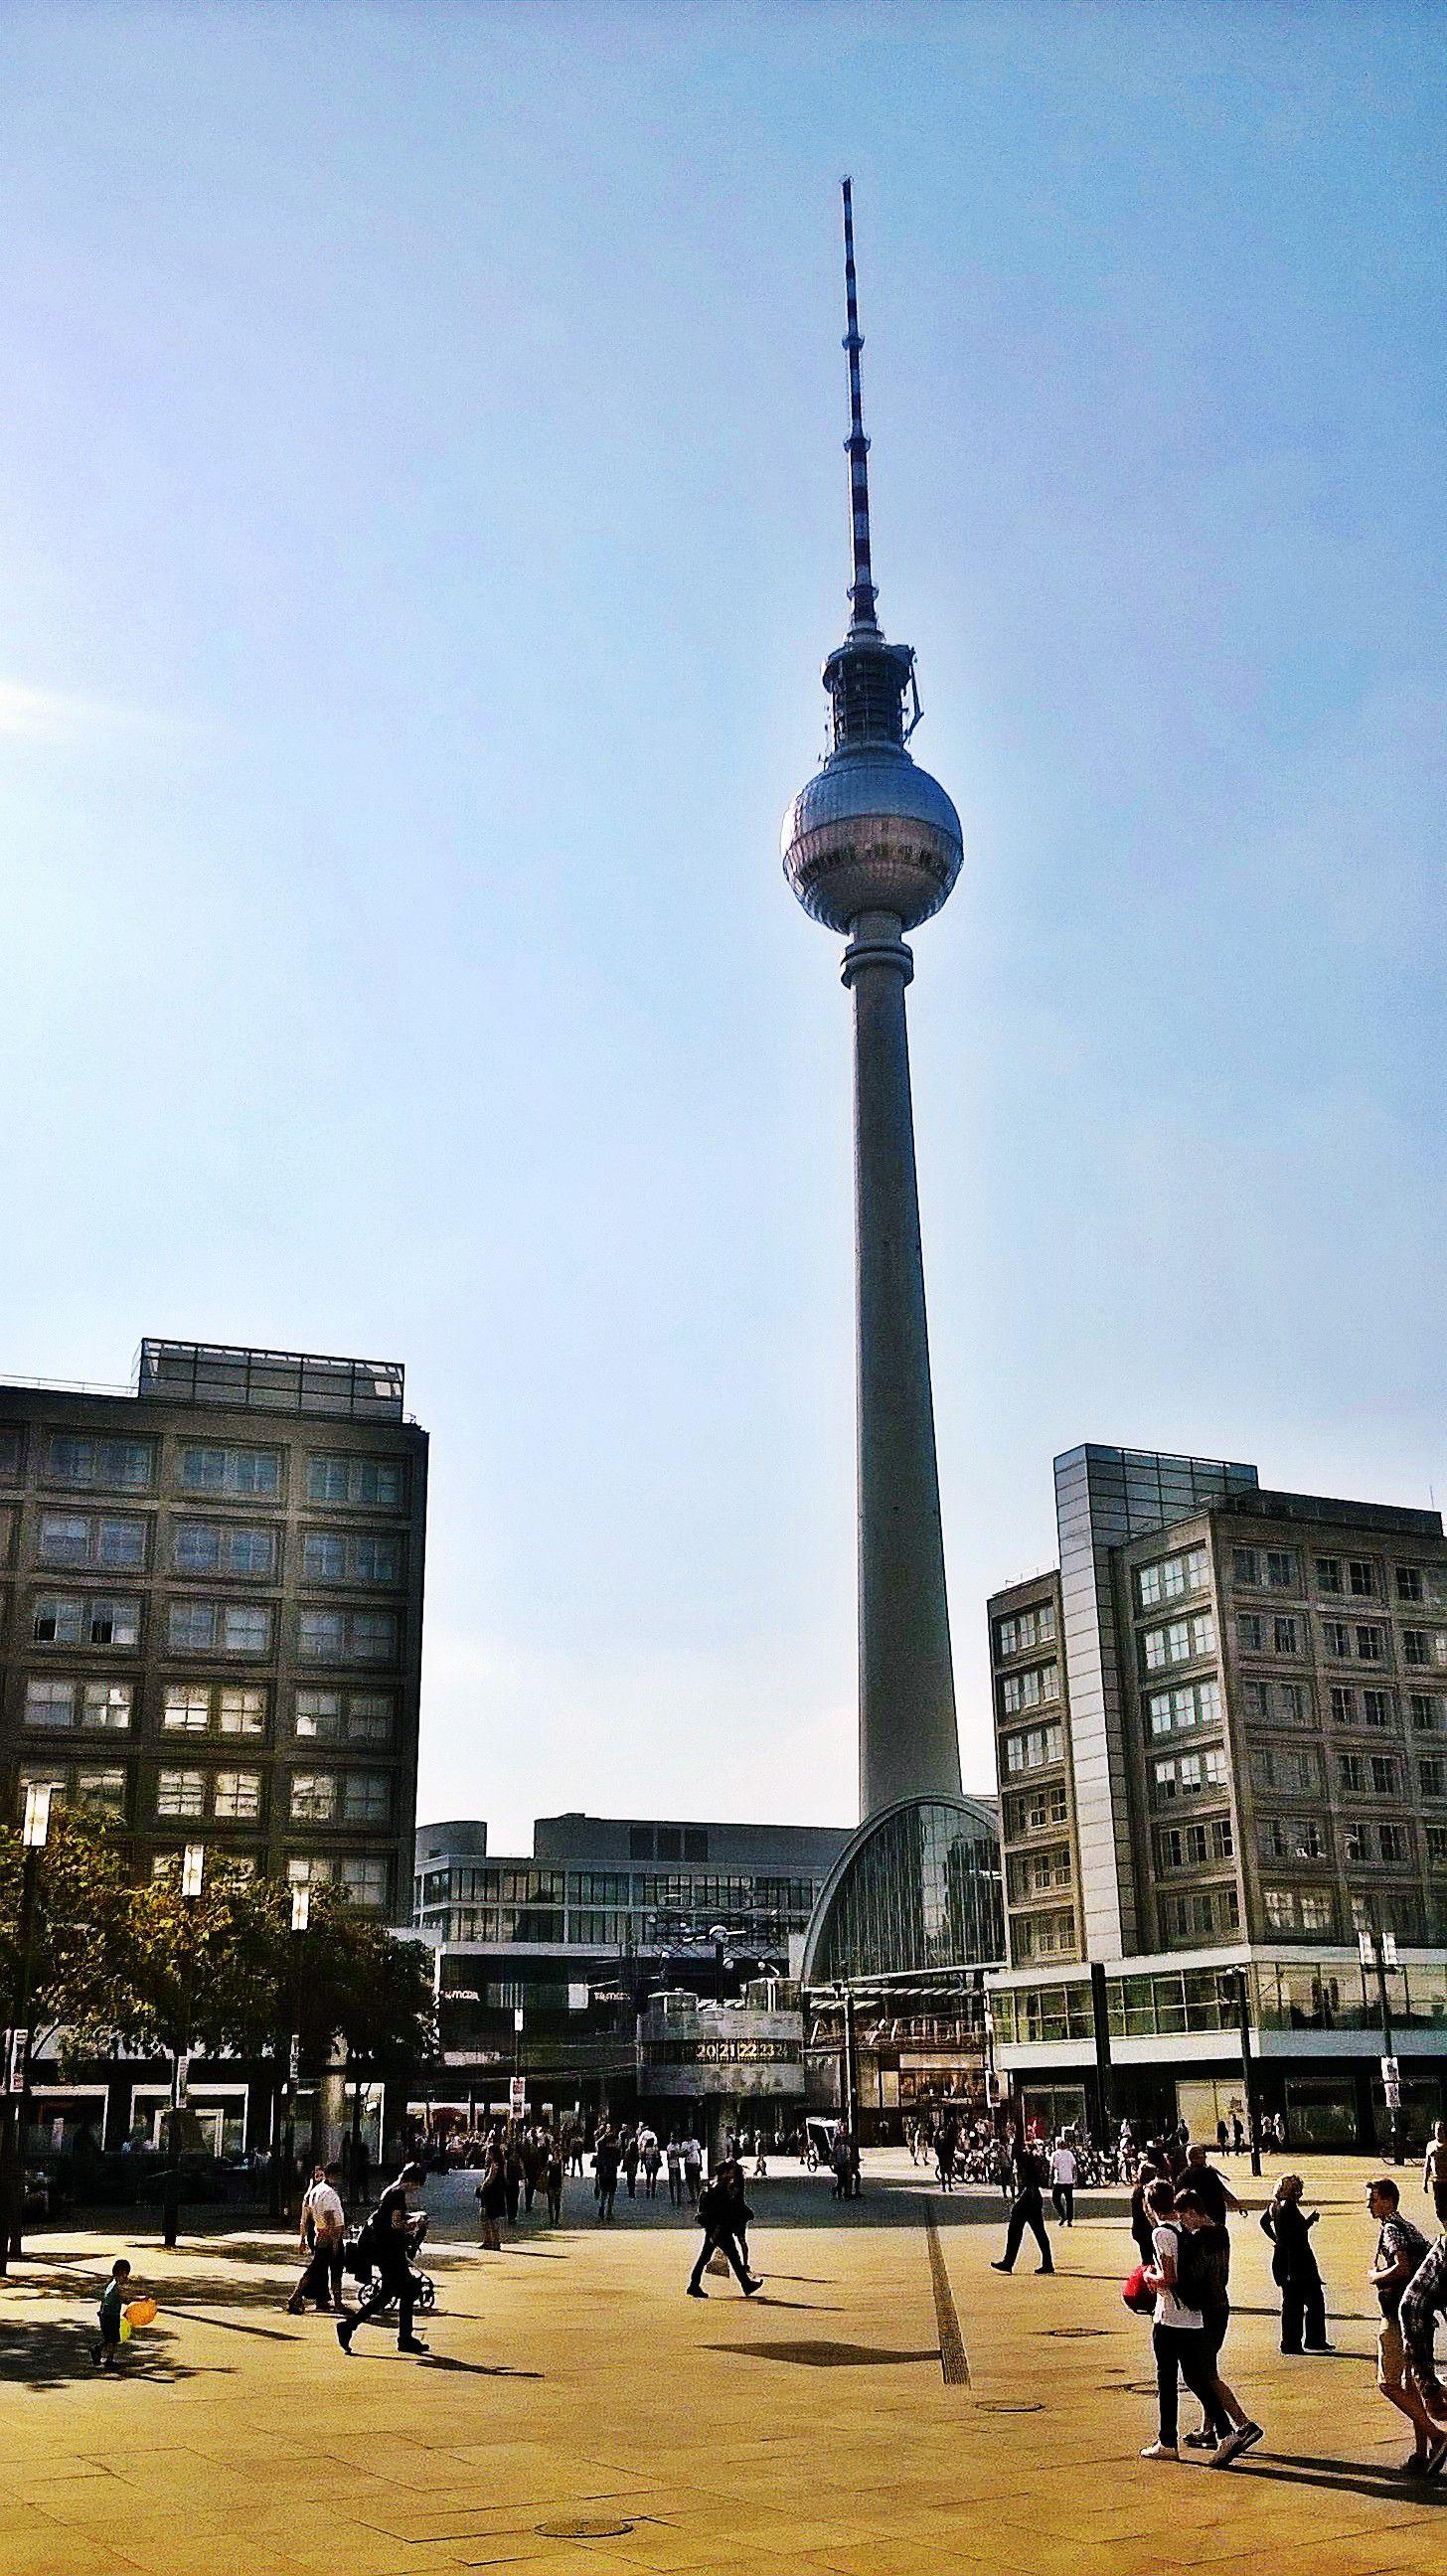 Berlin Alexanderplatz Fernsehturm Fernsehturm Berlin Alexanderplatz Turm